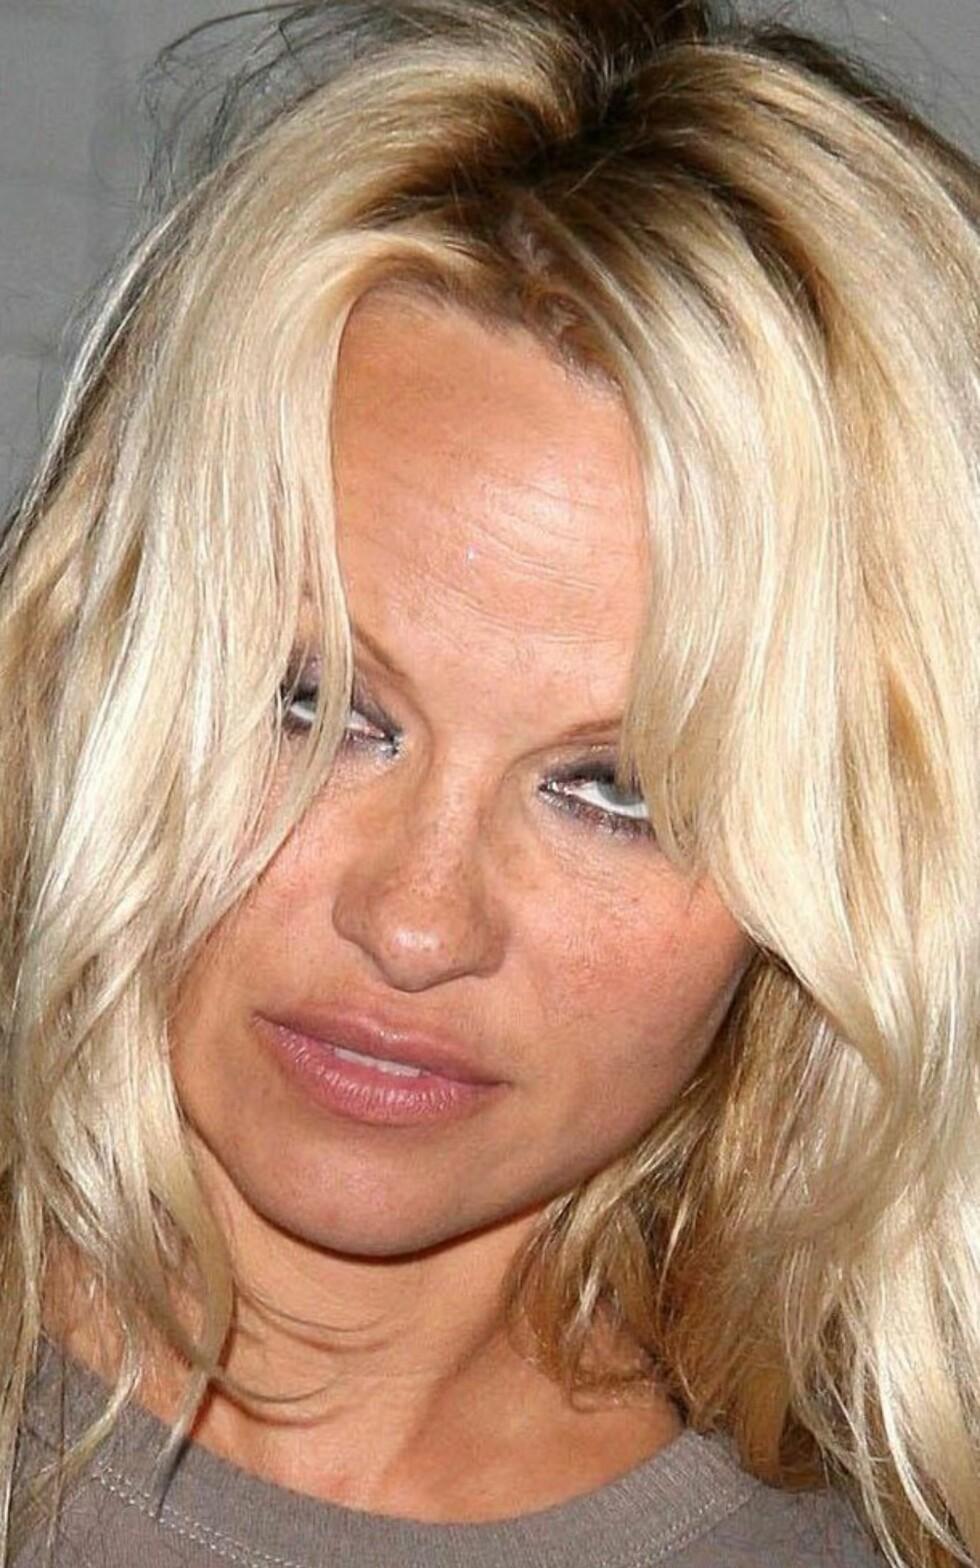 Sminken fra i går holder en dag til, synes skuespiller Pamela Anderson å mene.